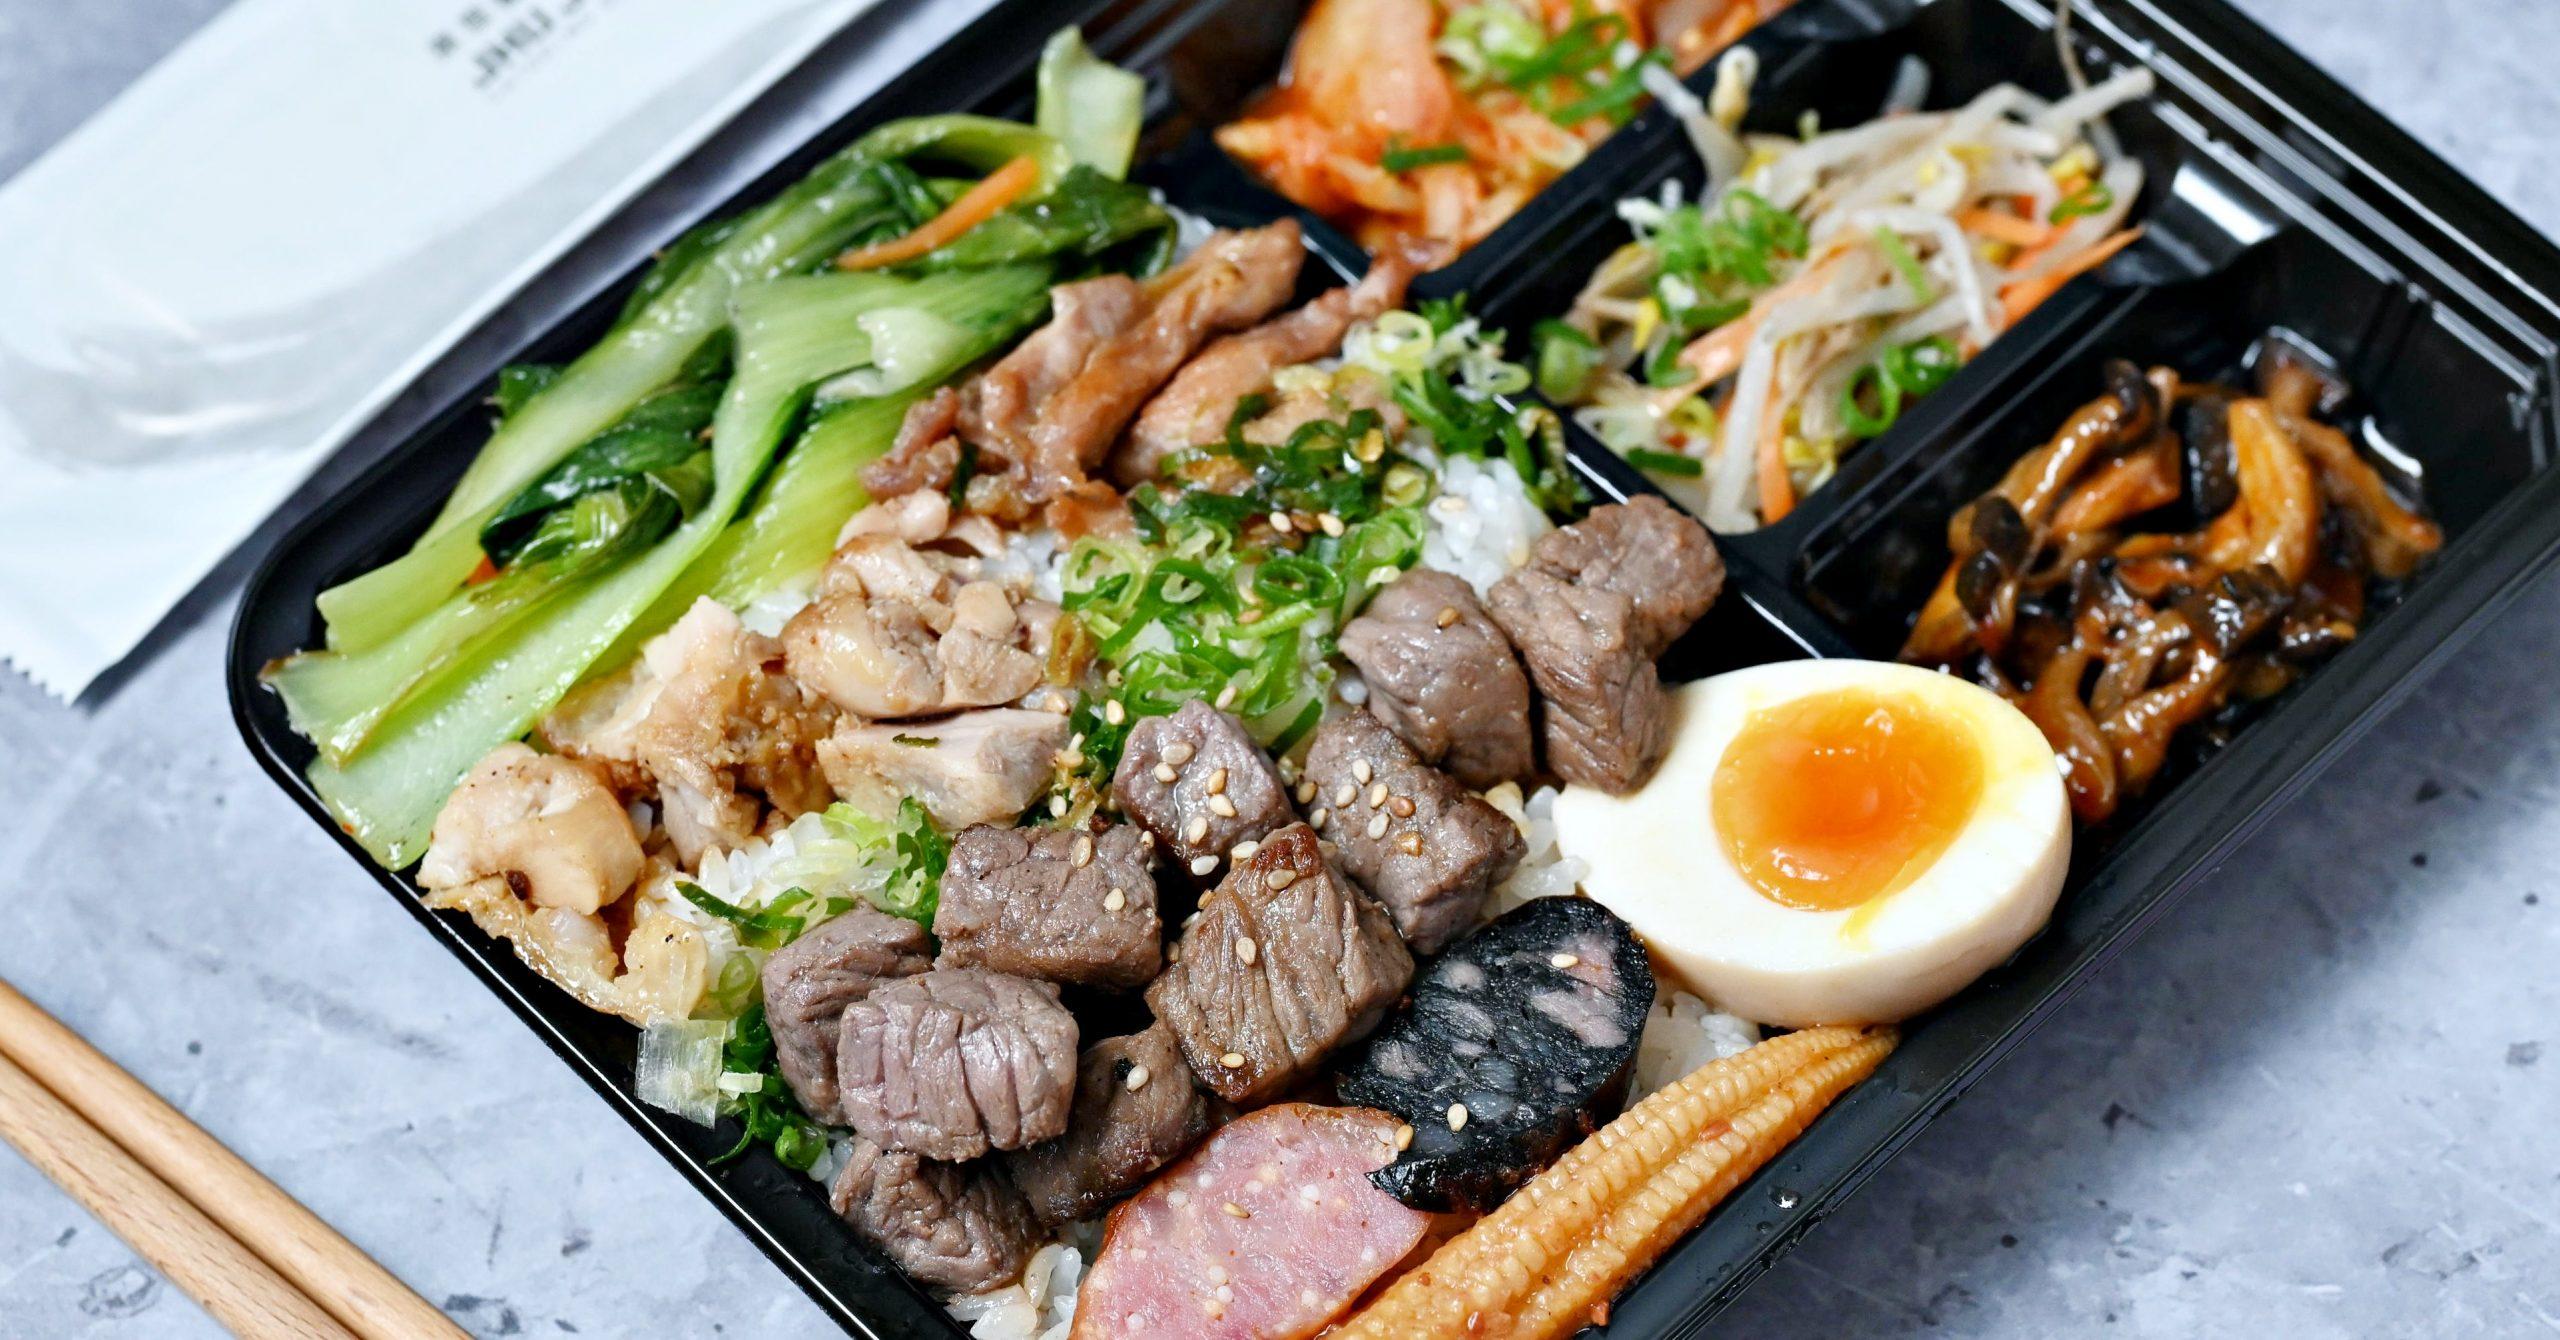 即時熱門文章:【台北橋美食】燒肉Smile三重店,燒肉Smile外帶便當便宜又好吃